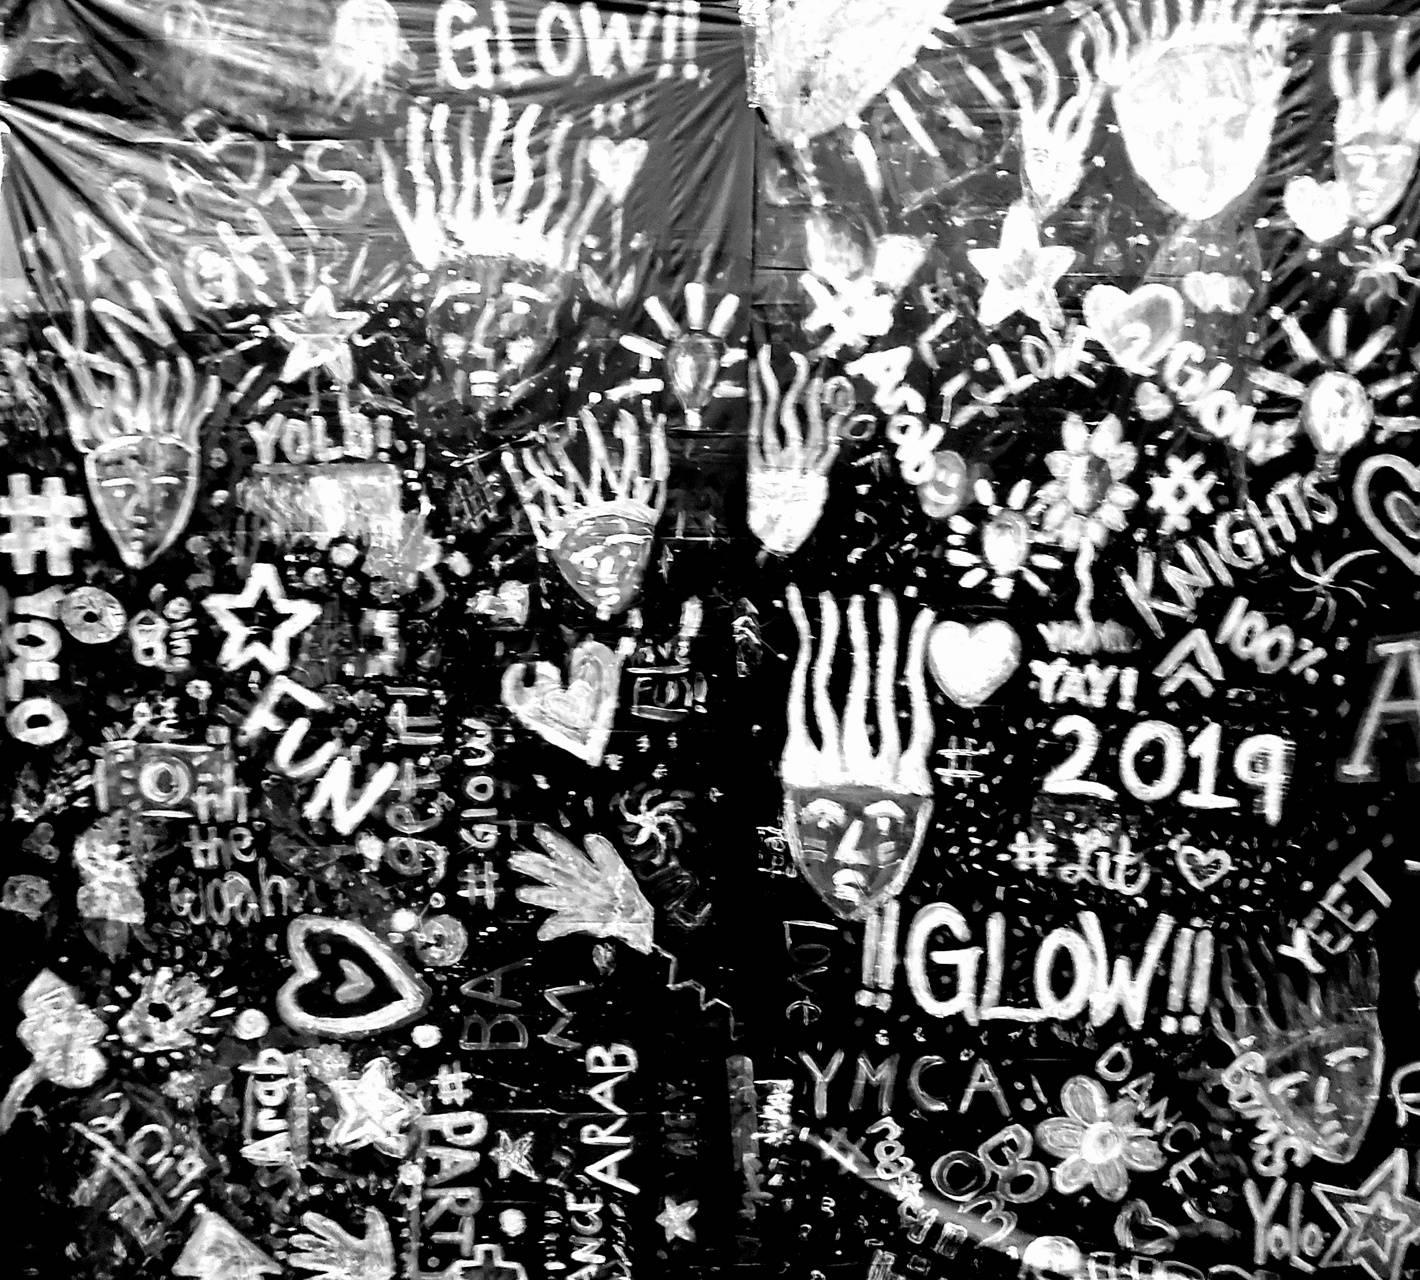 2019 glow